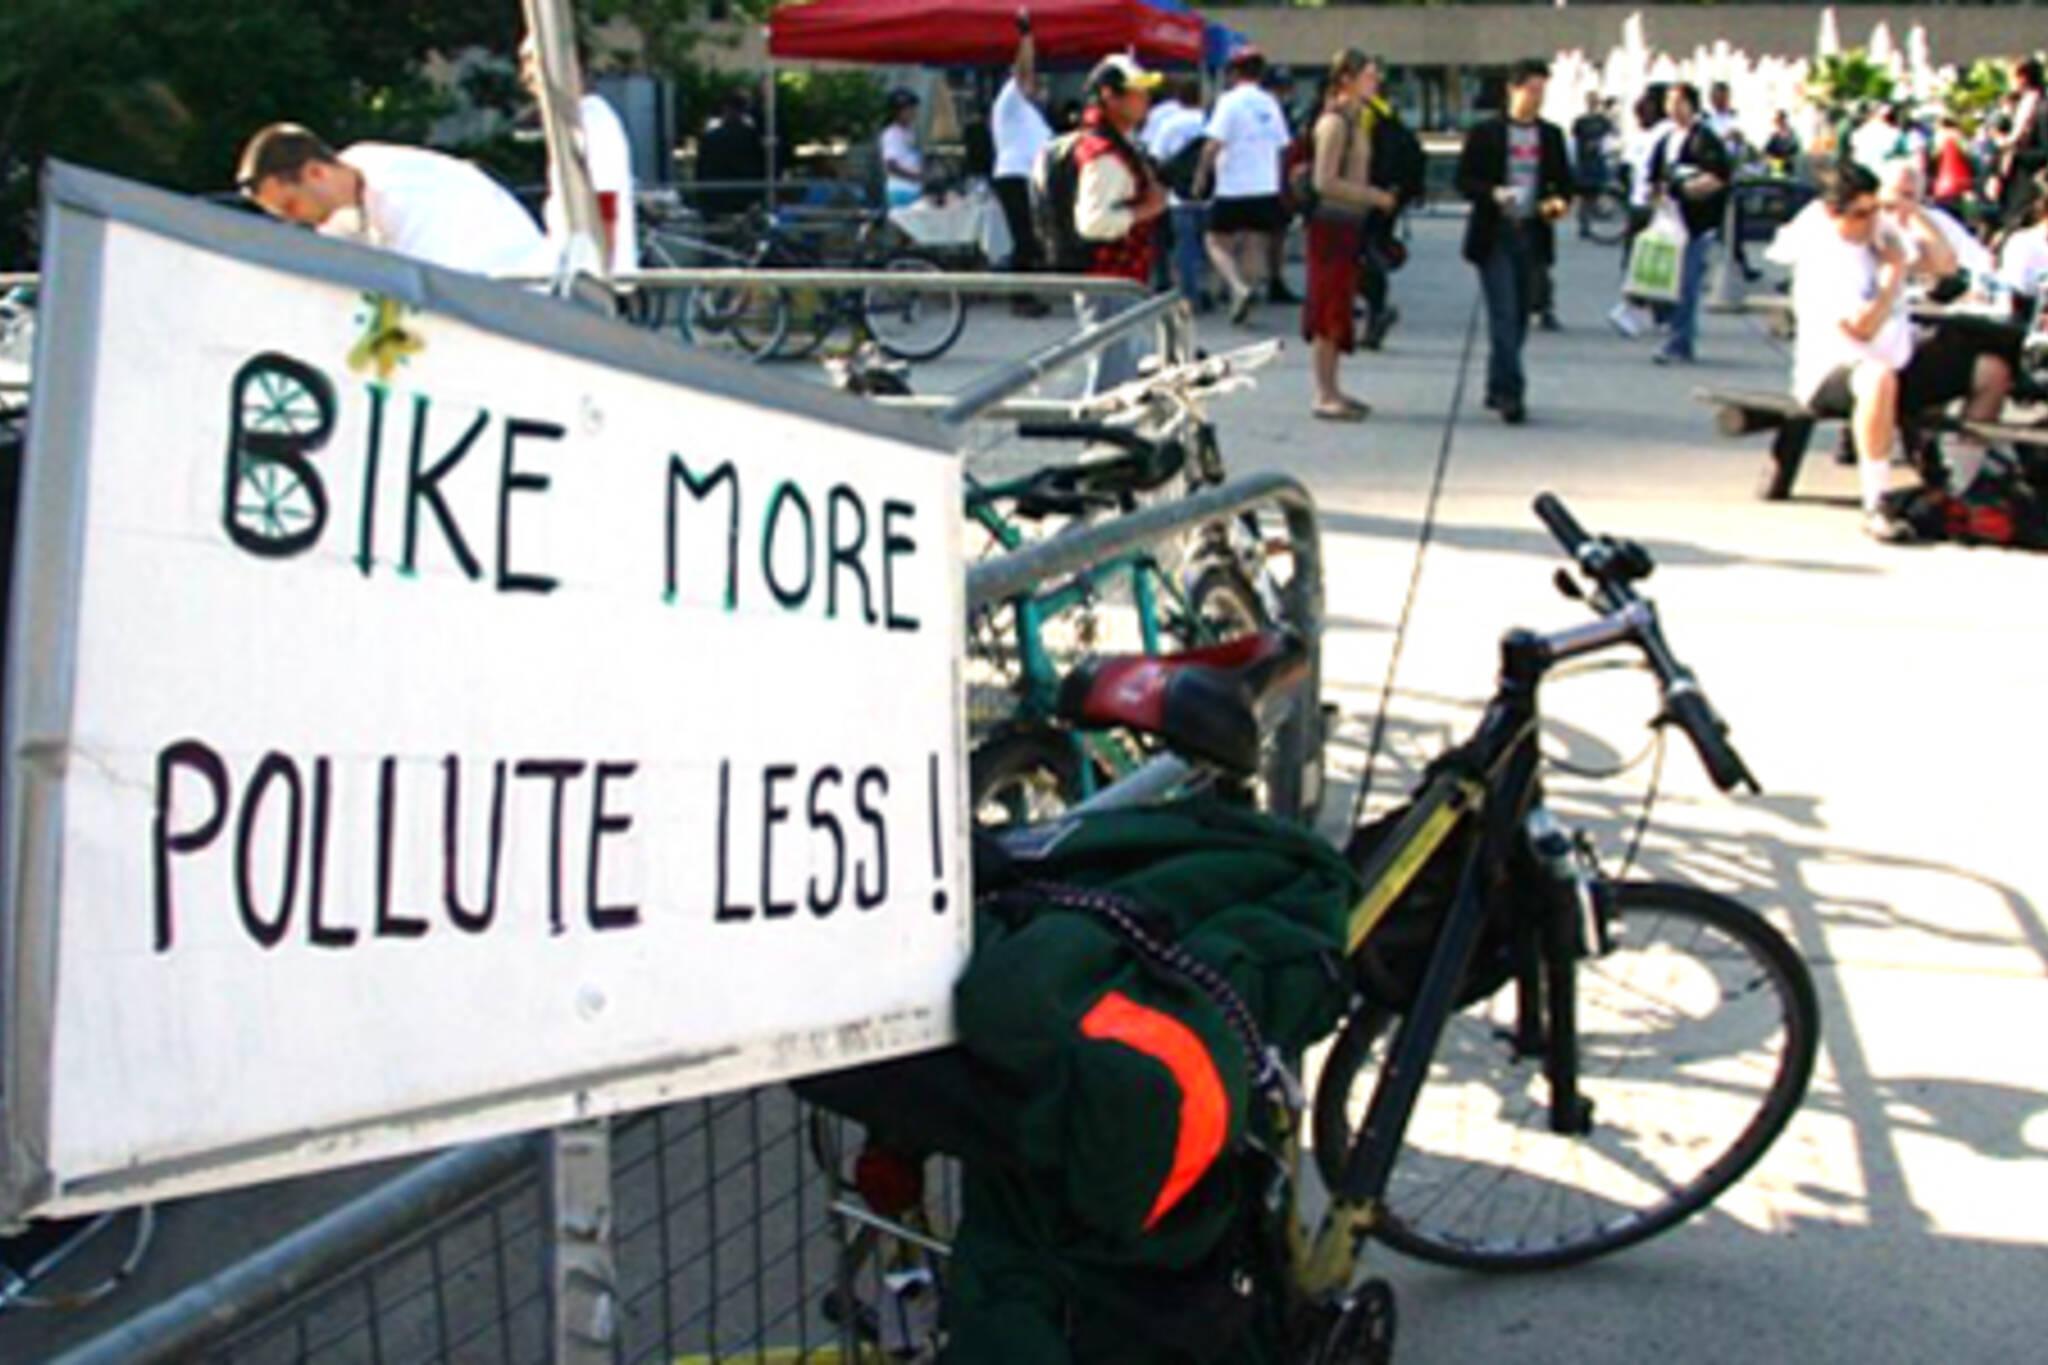 bikemorepolluteless.jpg